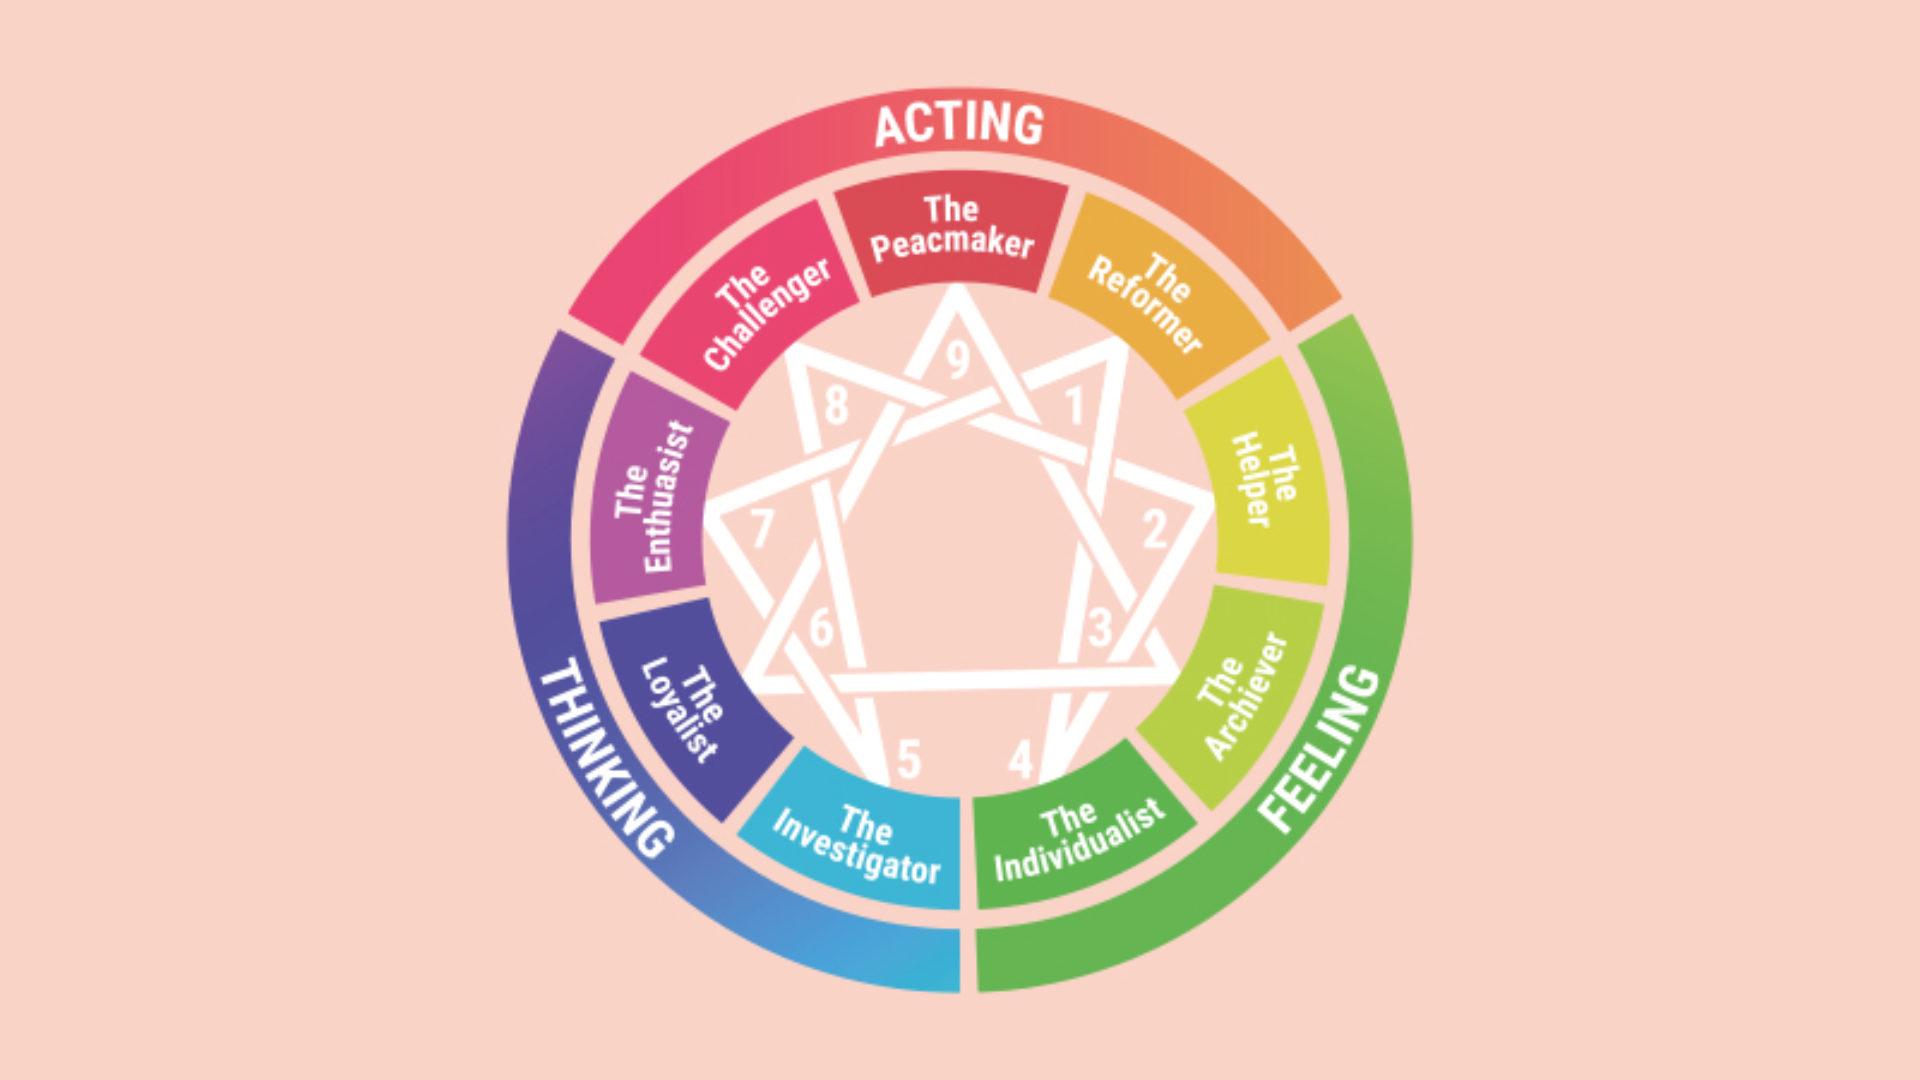 Het enneagram: een eeuwenoude leer voor meer zelfkennis